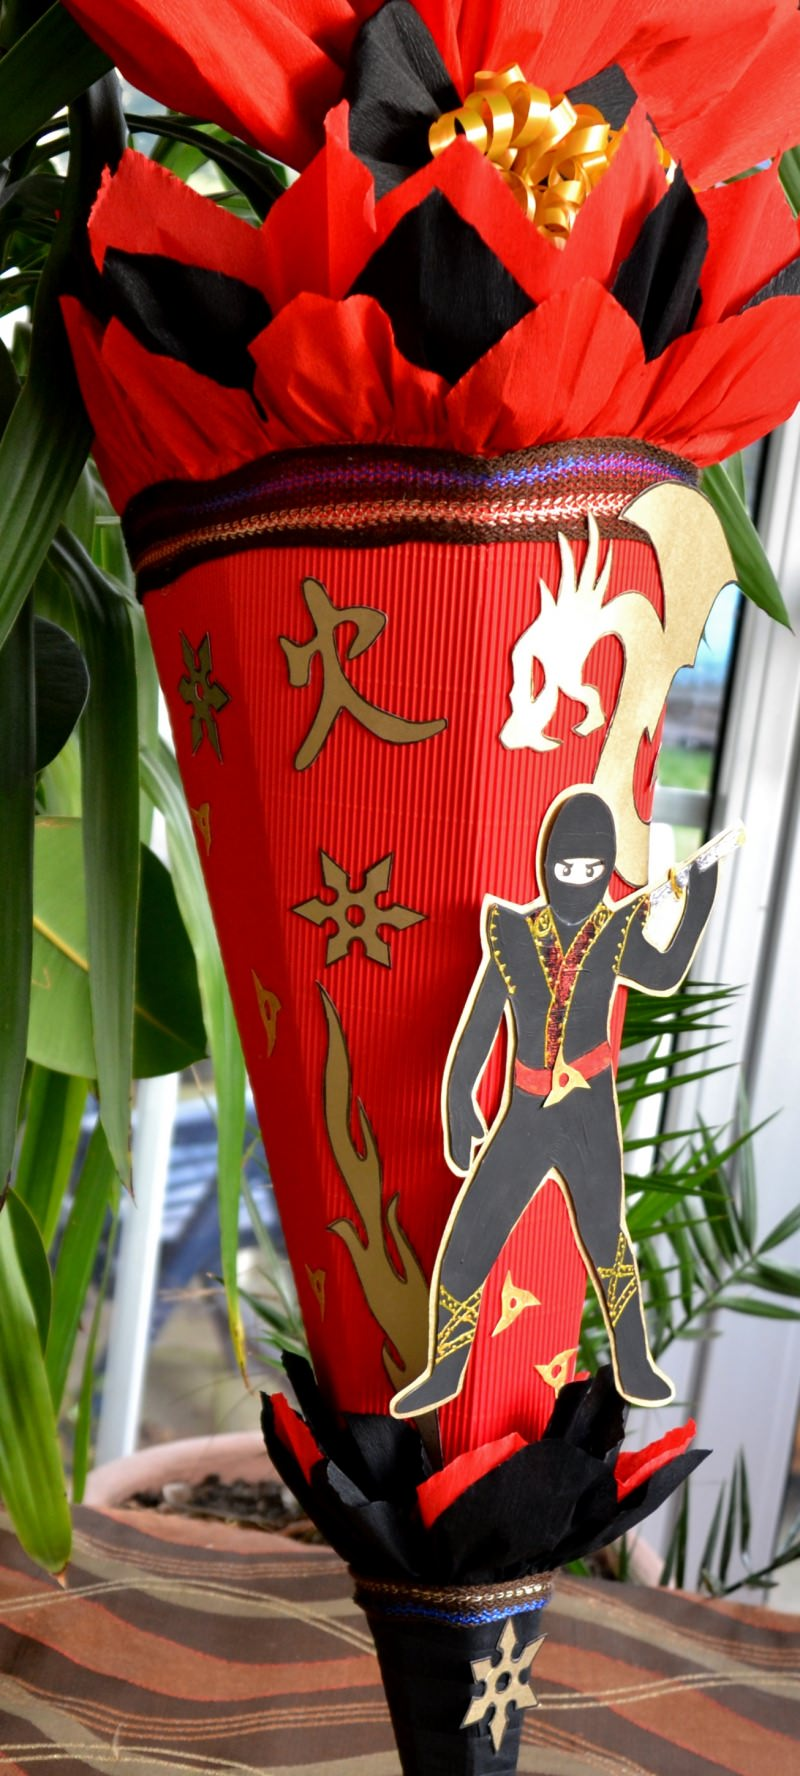 Kleinesbild - Schultüte Zuckertüte Ninja für Jungs  Drache  (Kopie id: 24972) (Kopie id: 24973) (Kopie id: 24974) (Kopie id: 24981)